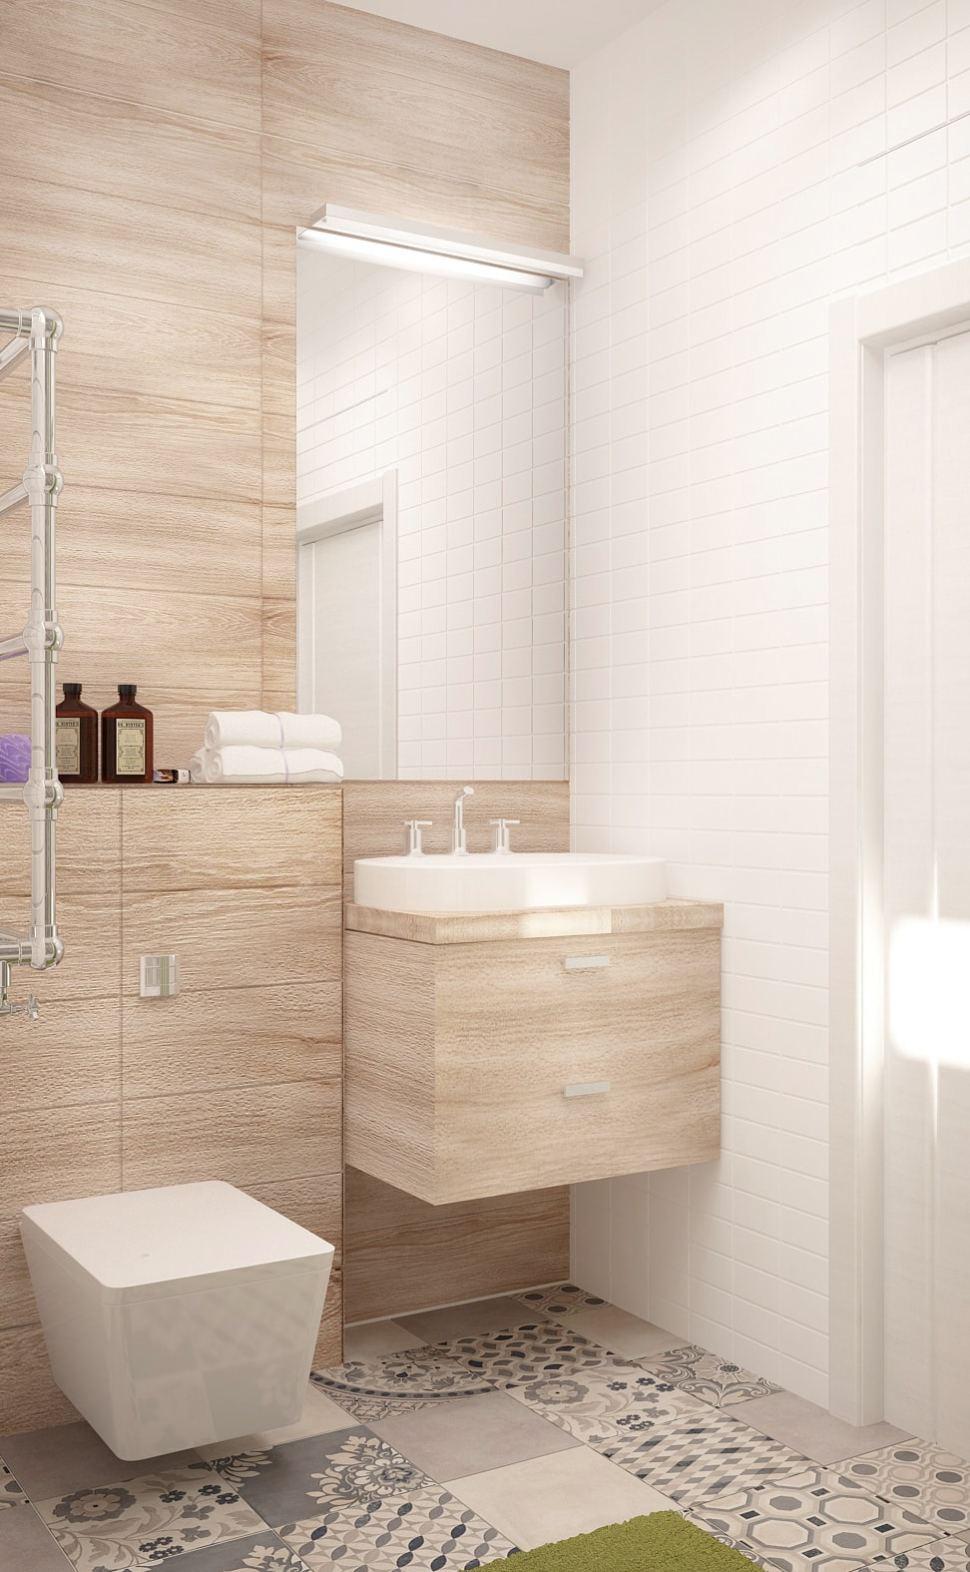 Визуализация совмещённого санузла с ванной комнатой 5 кв.м с бежевыми оттенками, бежевая тумба, раковина, ванная, душ, геометрическая плитка